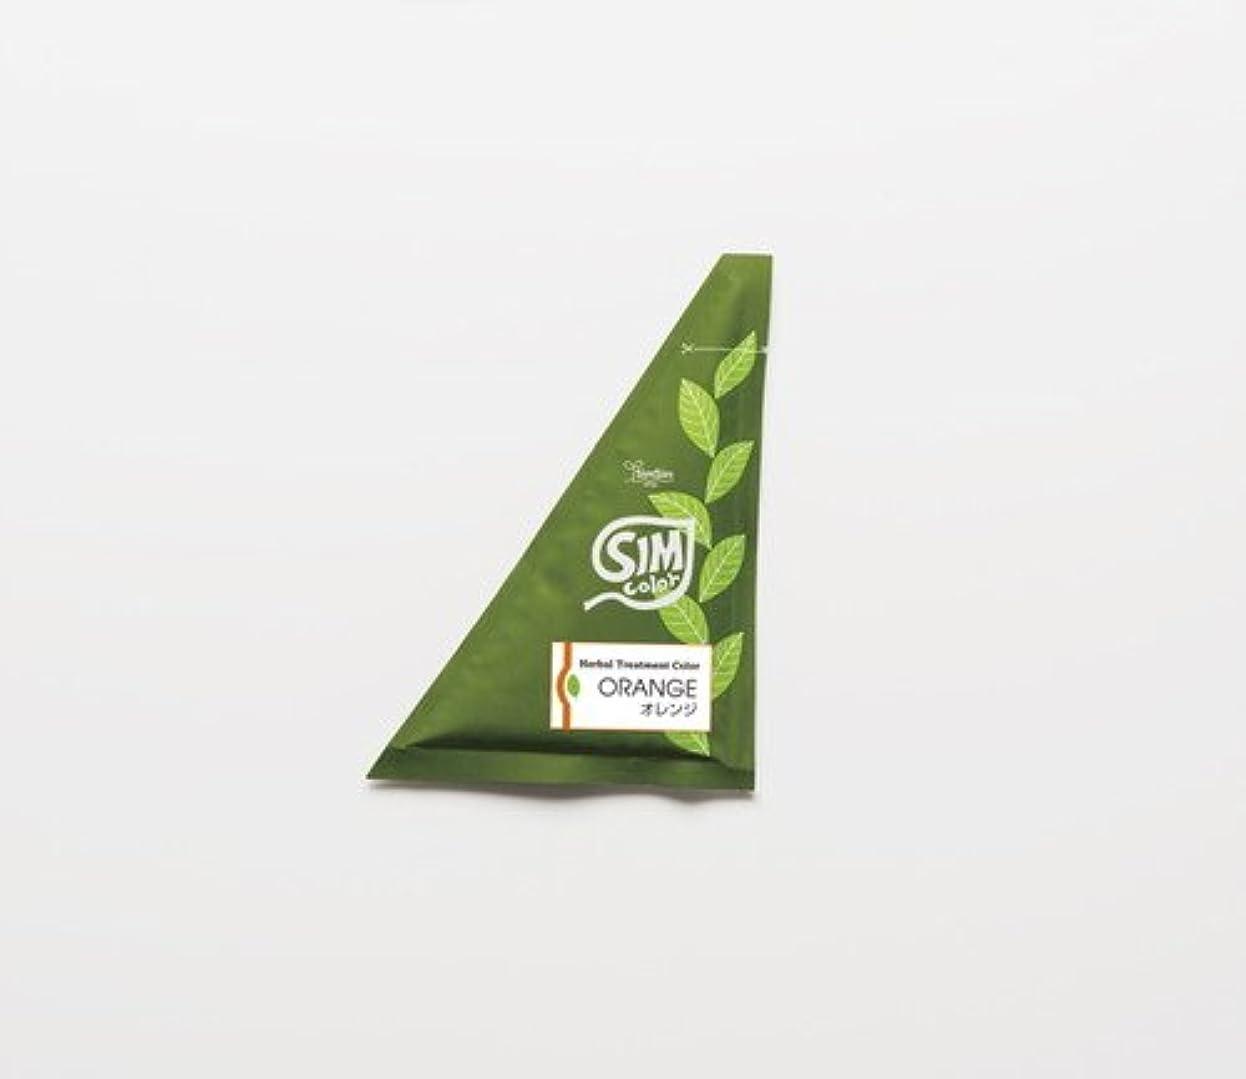 社説変装たるみSimSim(シムシム)お手軽簡単シムカラーエクストラ(EX)25g 2袋 オレンジ